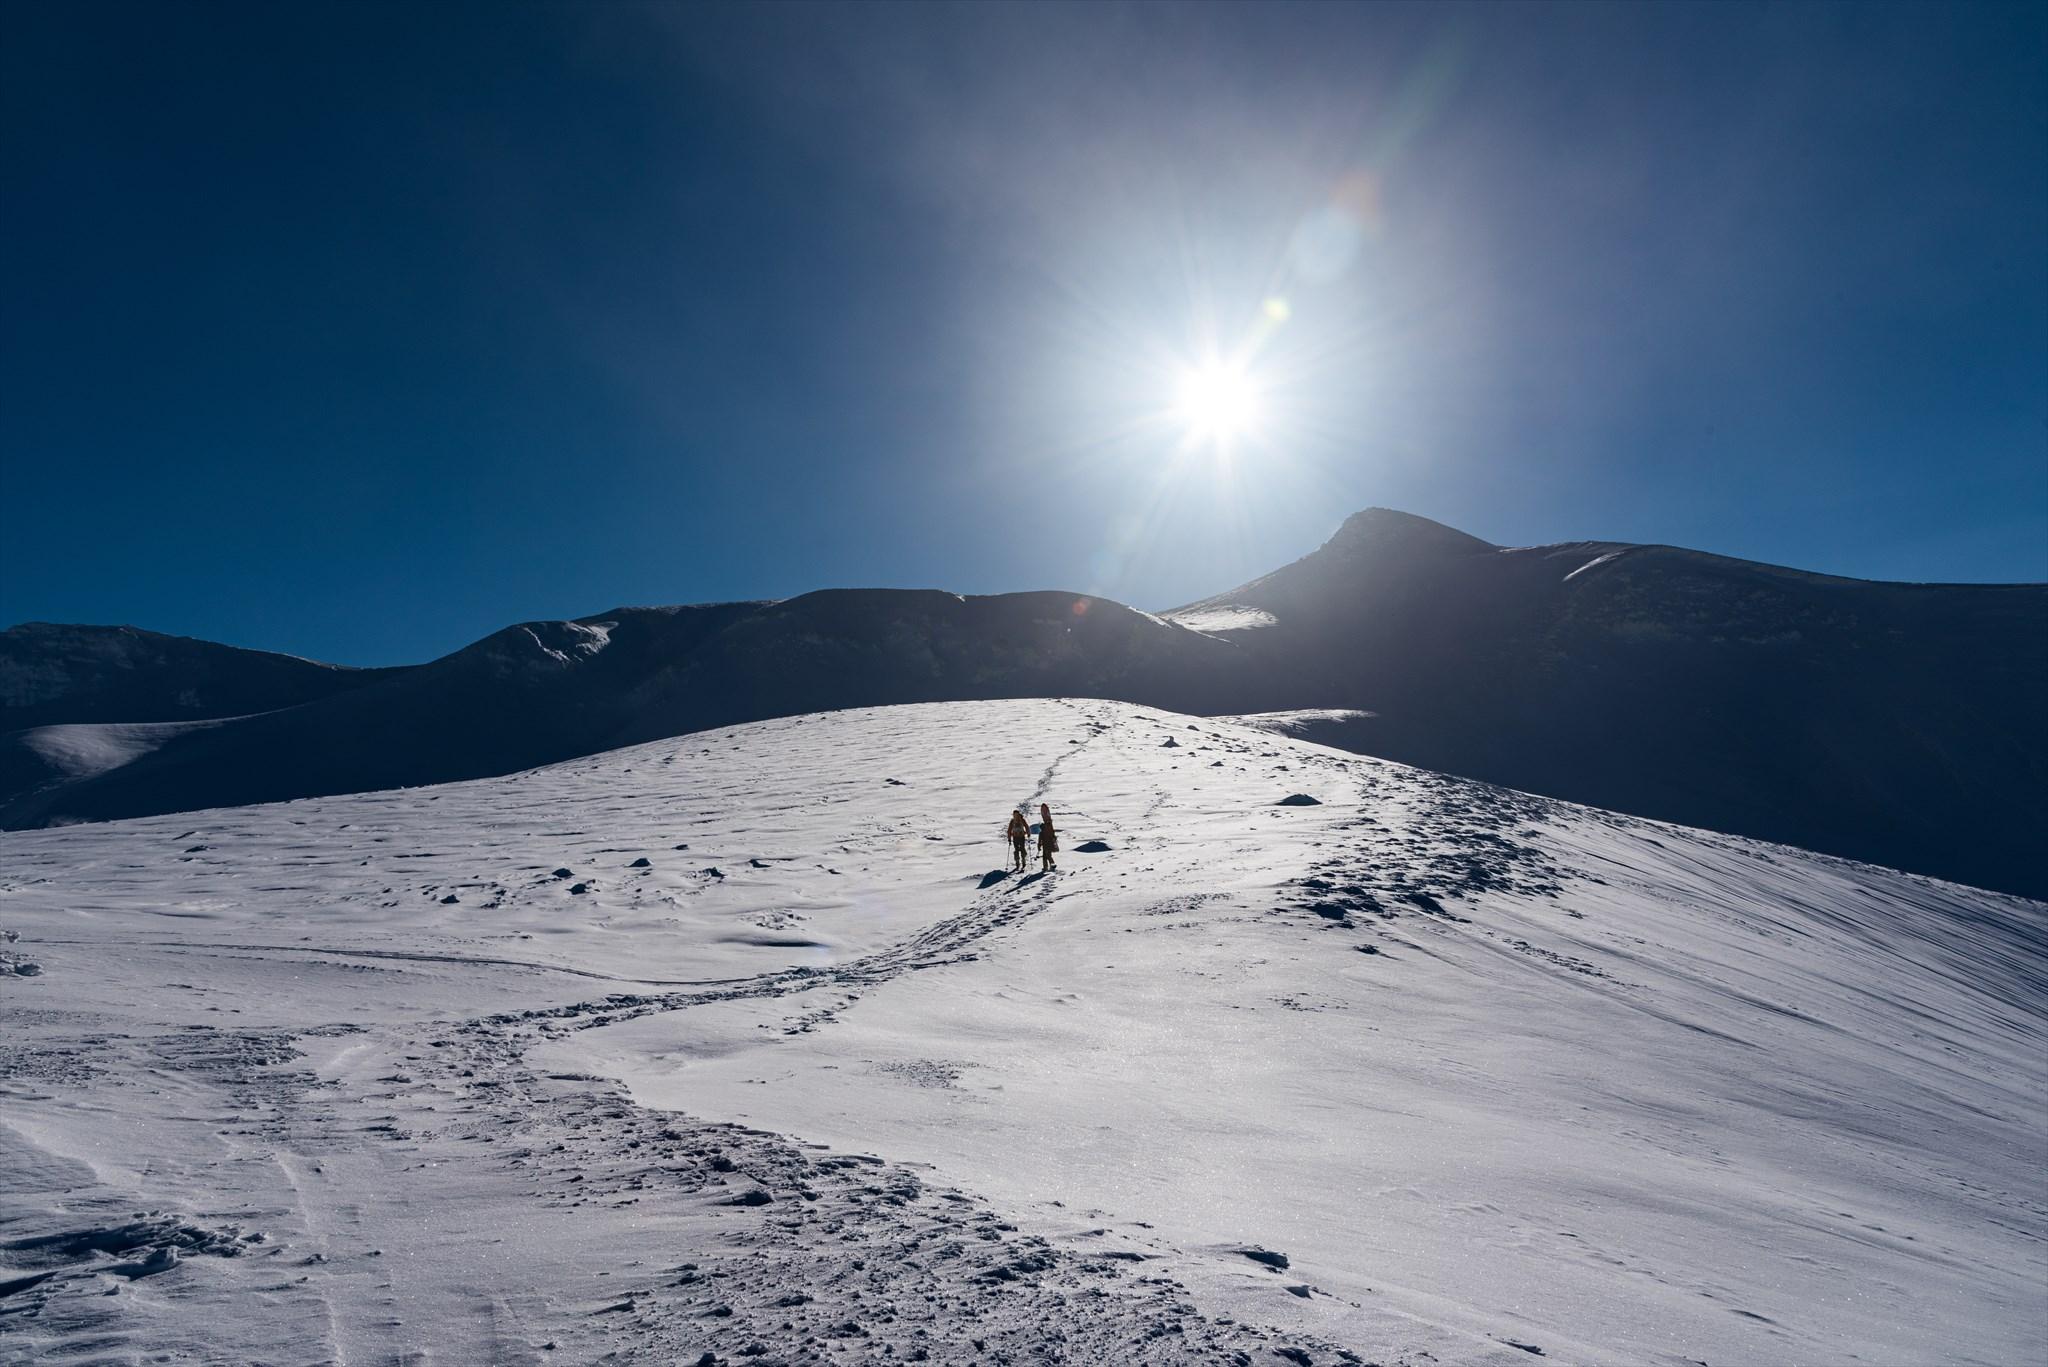 十勝岳へ向かって_e0373339_5554247.jpg